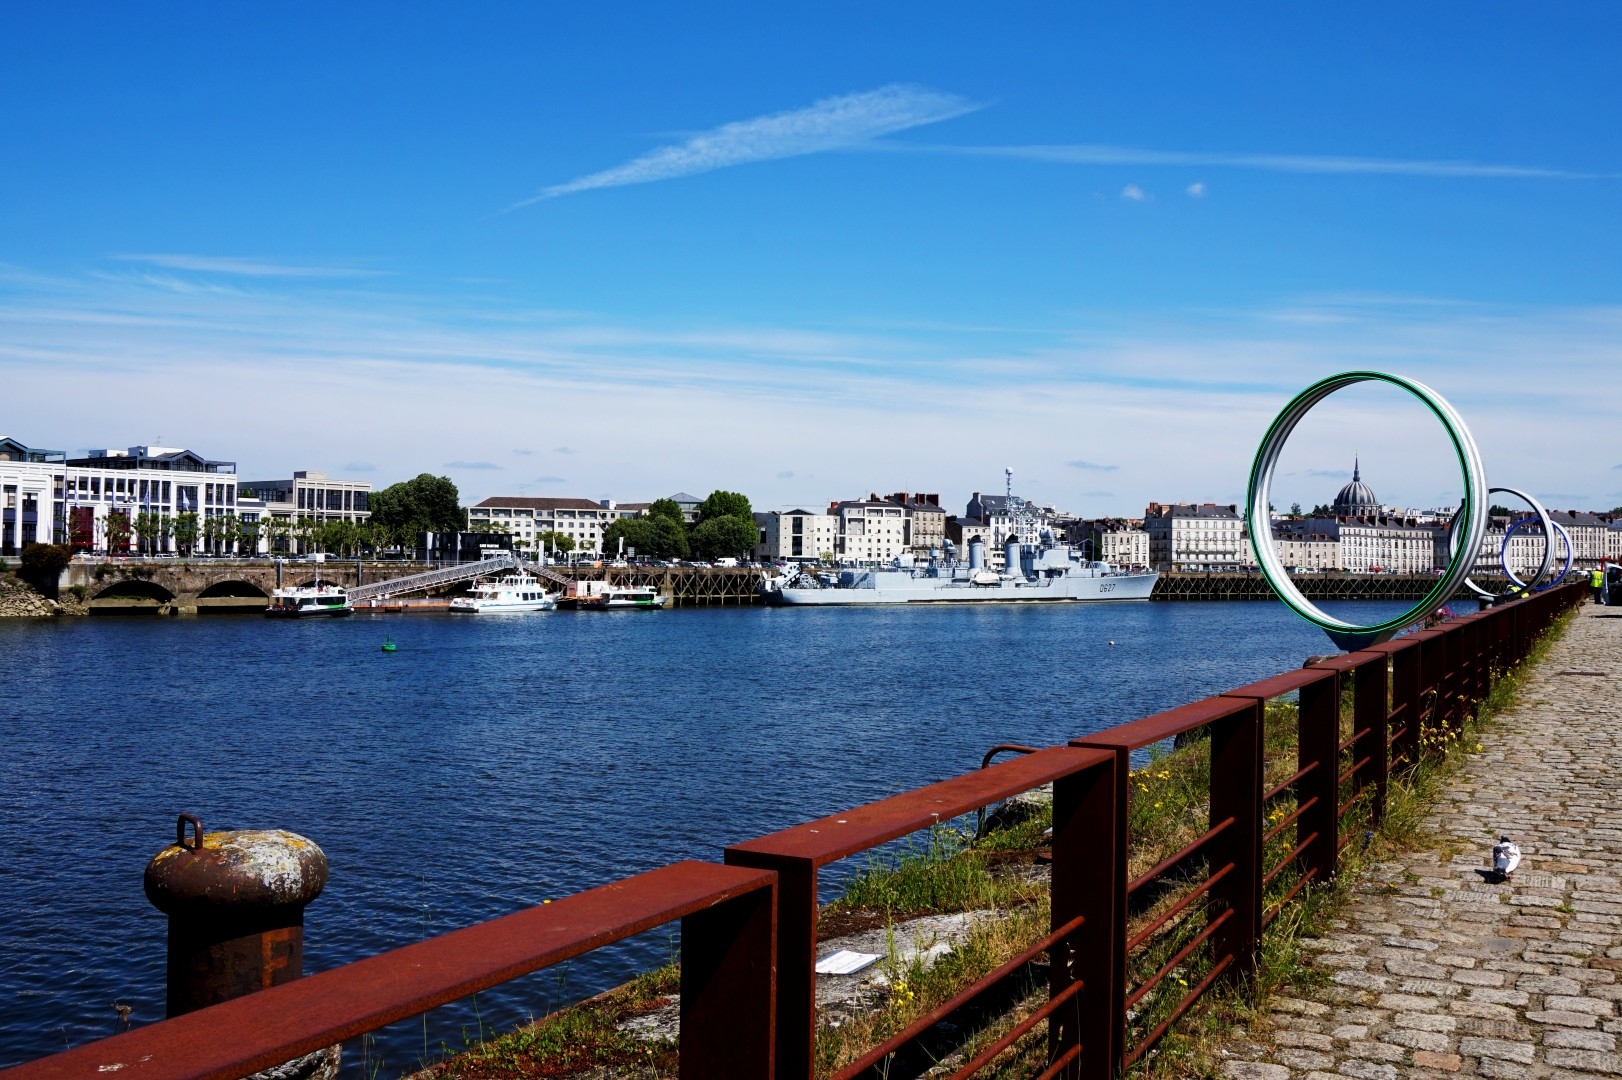 Un weekend à Nantes - Ile de Nantes - Parc des Chantiers